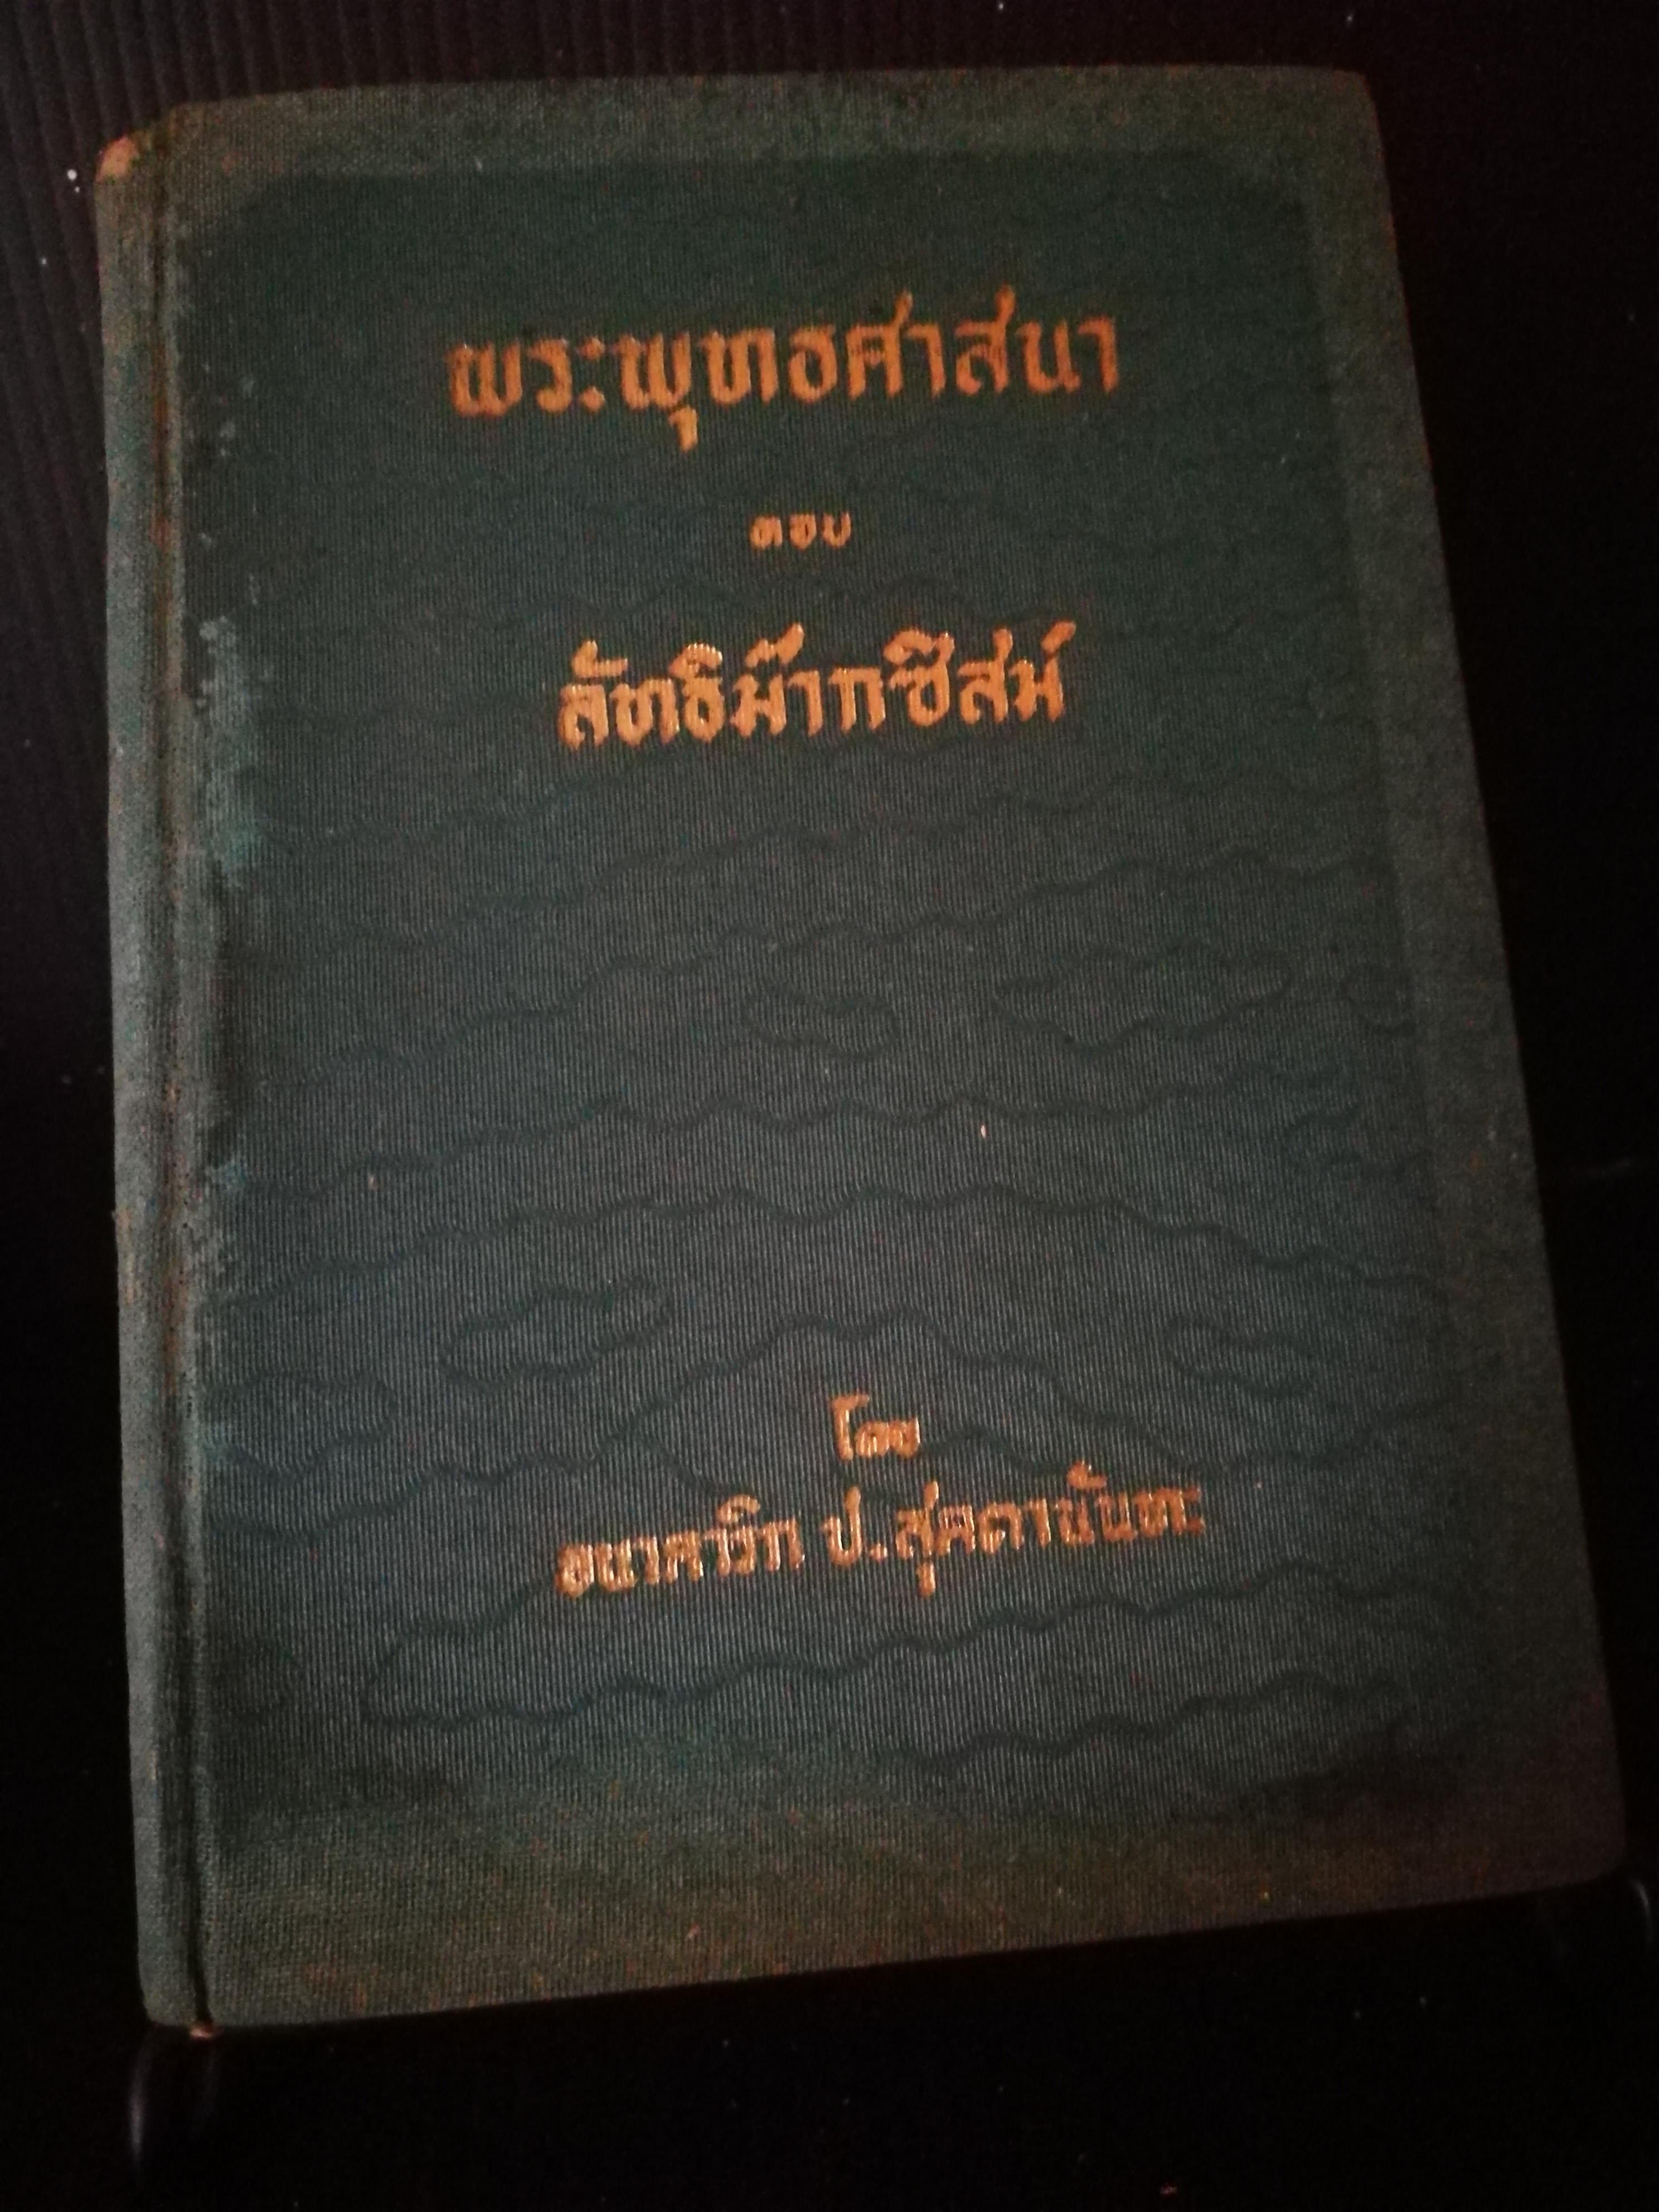 พระพุทธศาสนา ตอบ ลัทธิม๊ากซิสม์